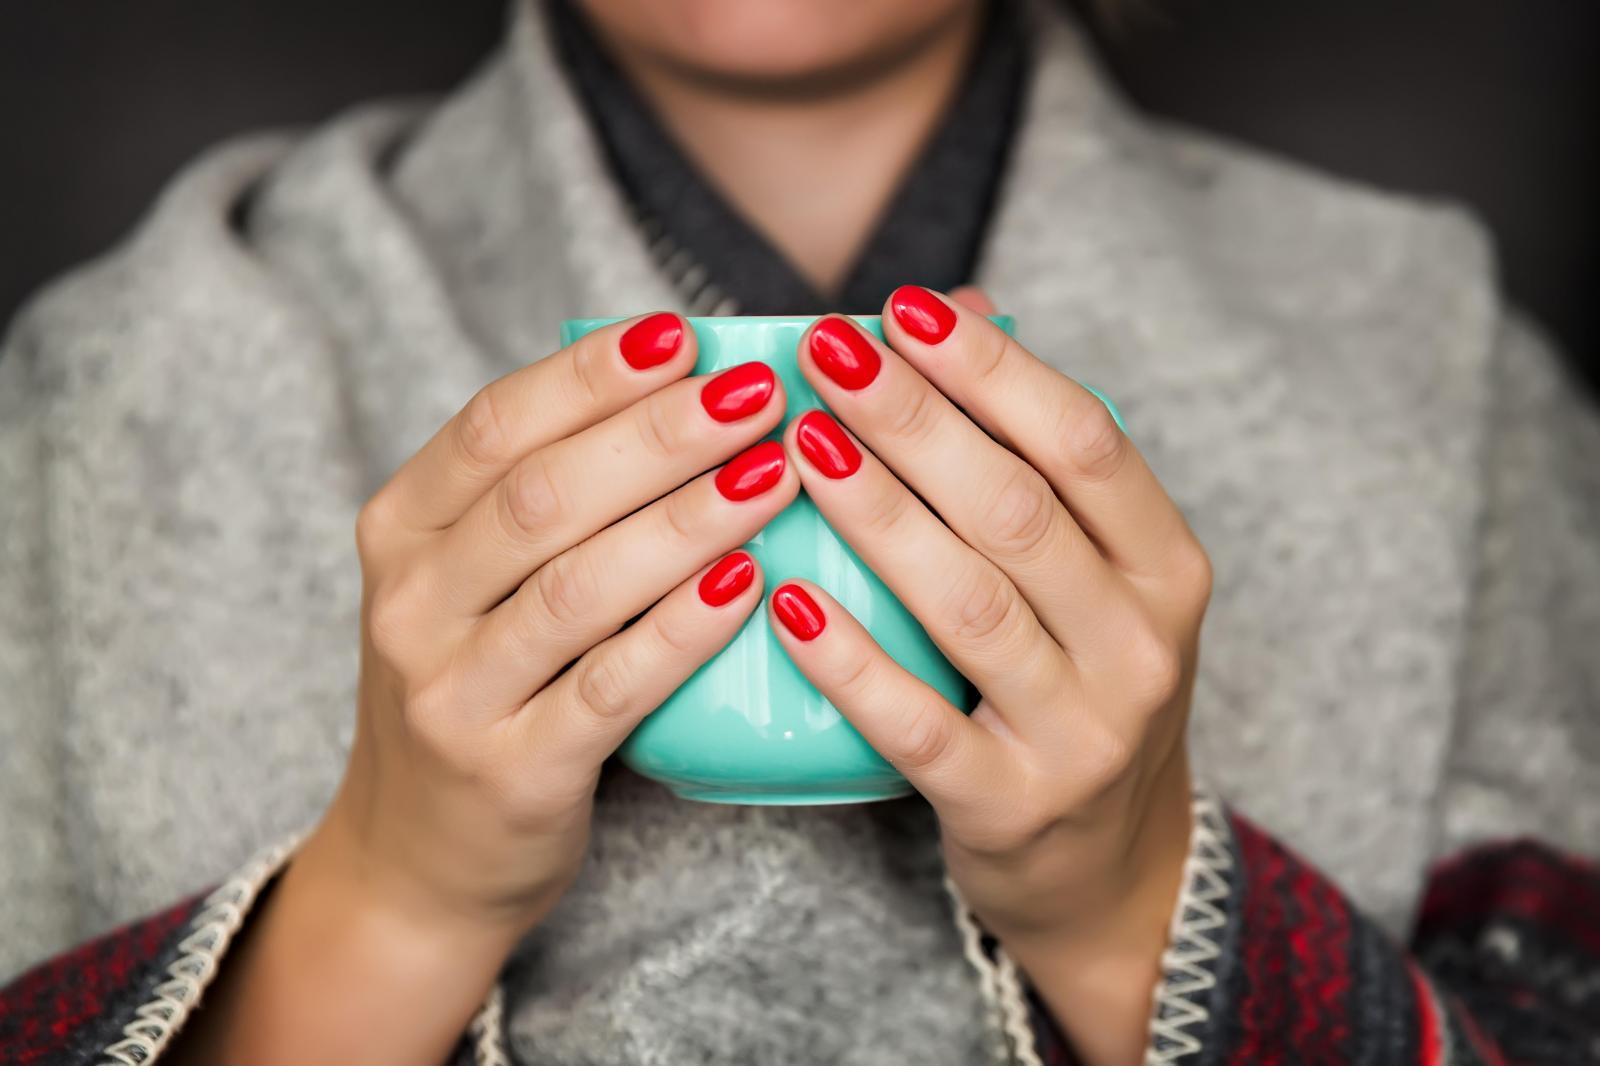 Brusnica se najčešće koristi u liječenju urninarnih infekcija.